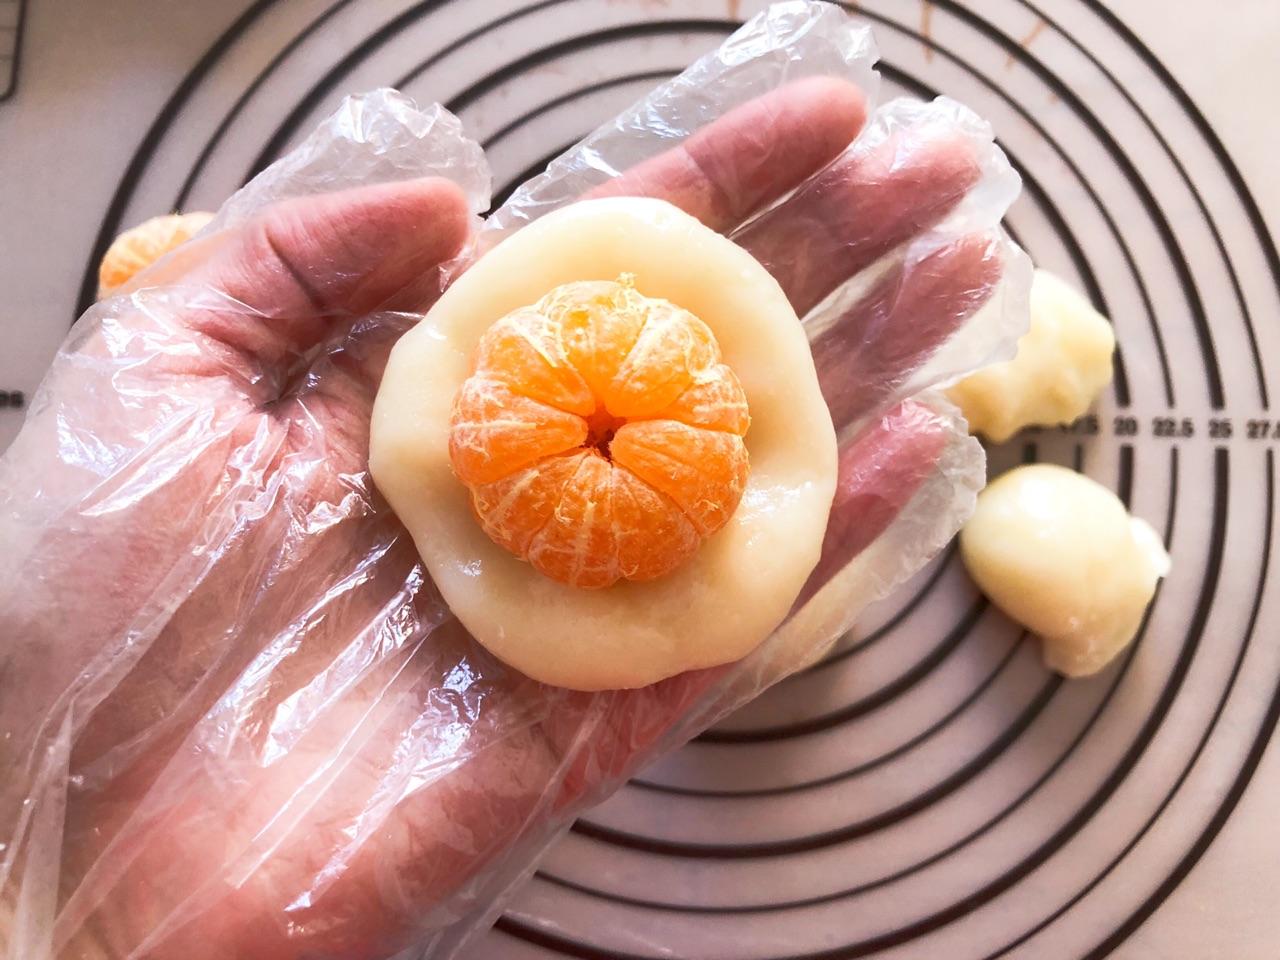 让孩子欲罢不能的橘子糯米糍,做法很简单,几块钱成本就搞定